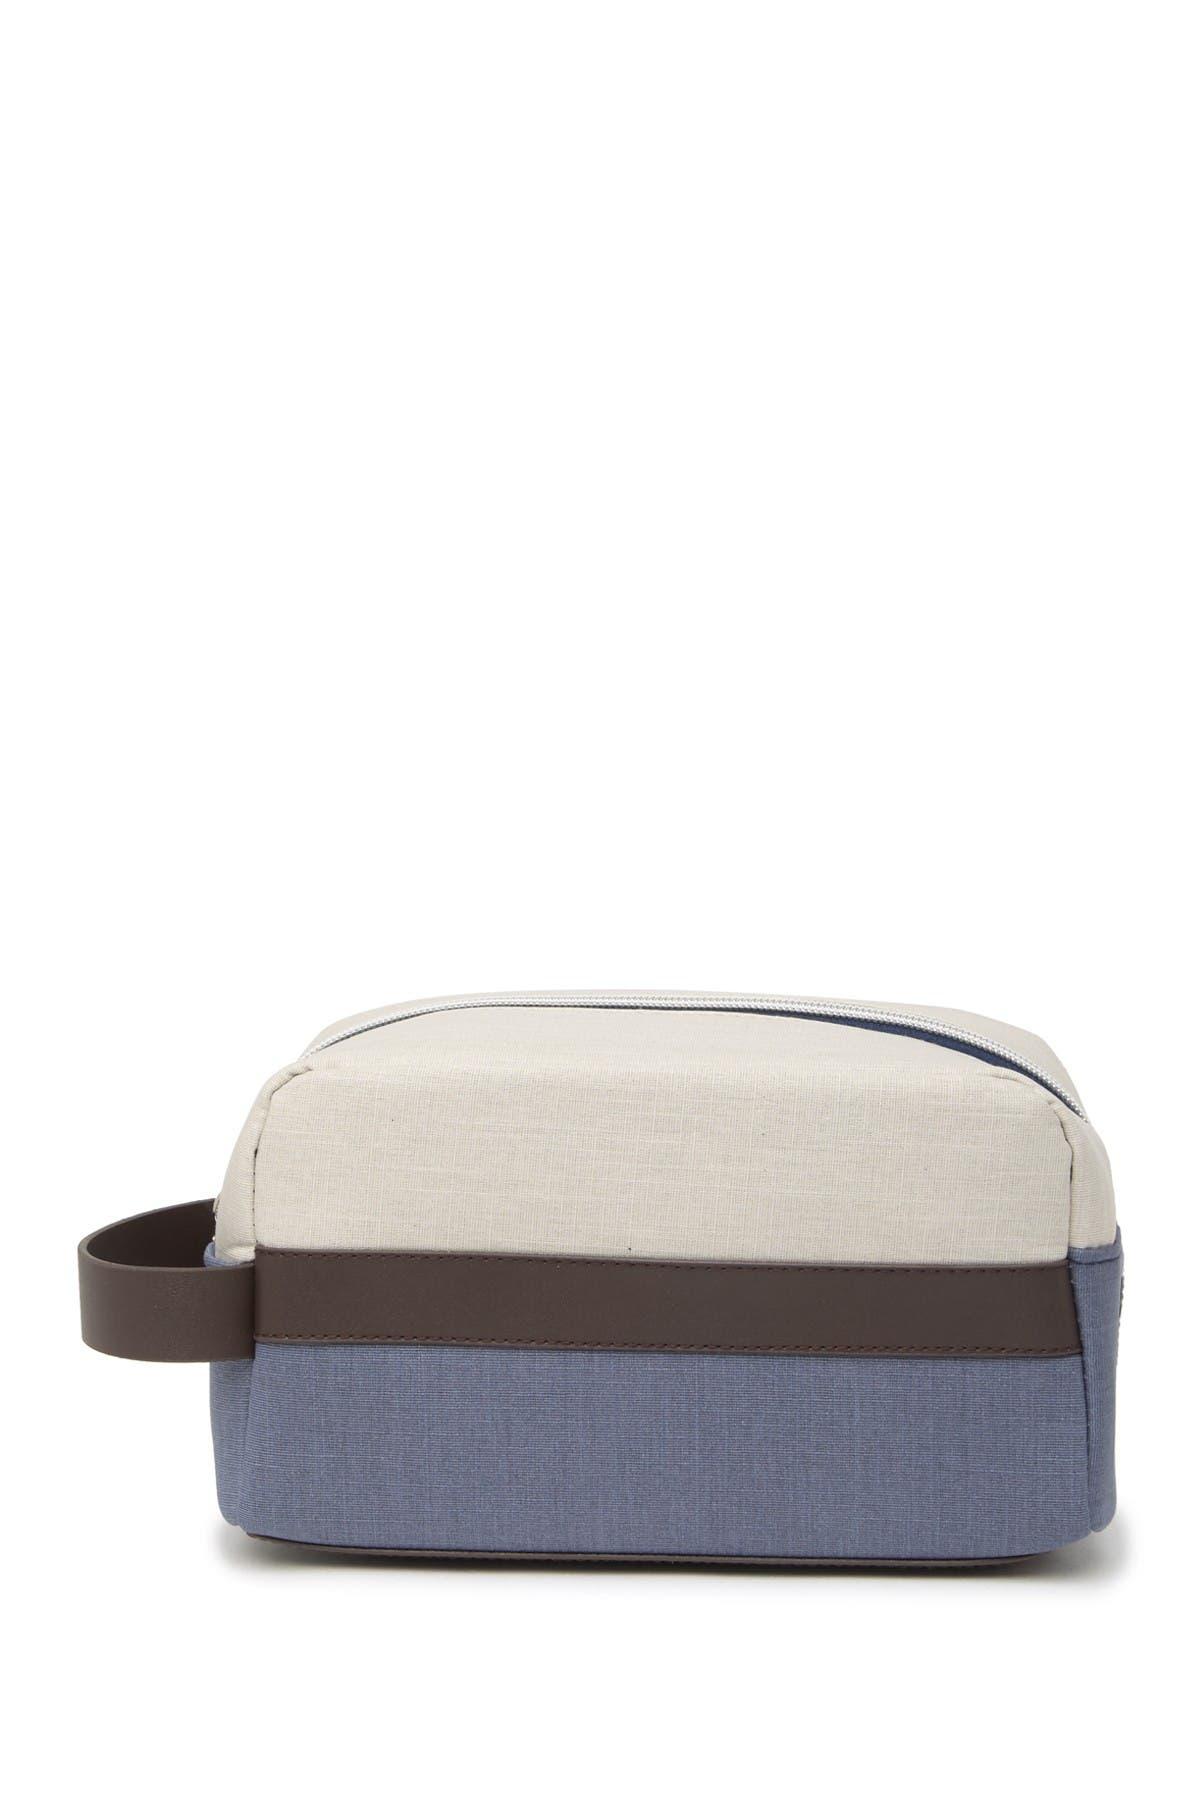 Image of Bespoke Oaklin Panel Travel Valet Kit